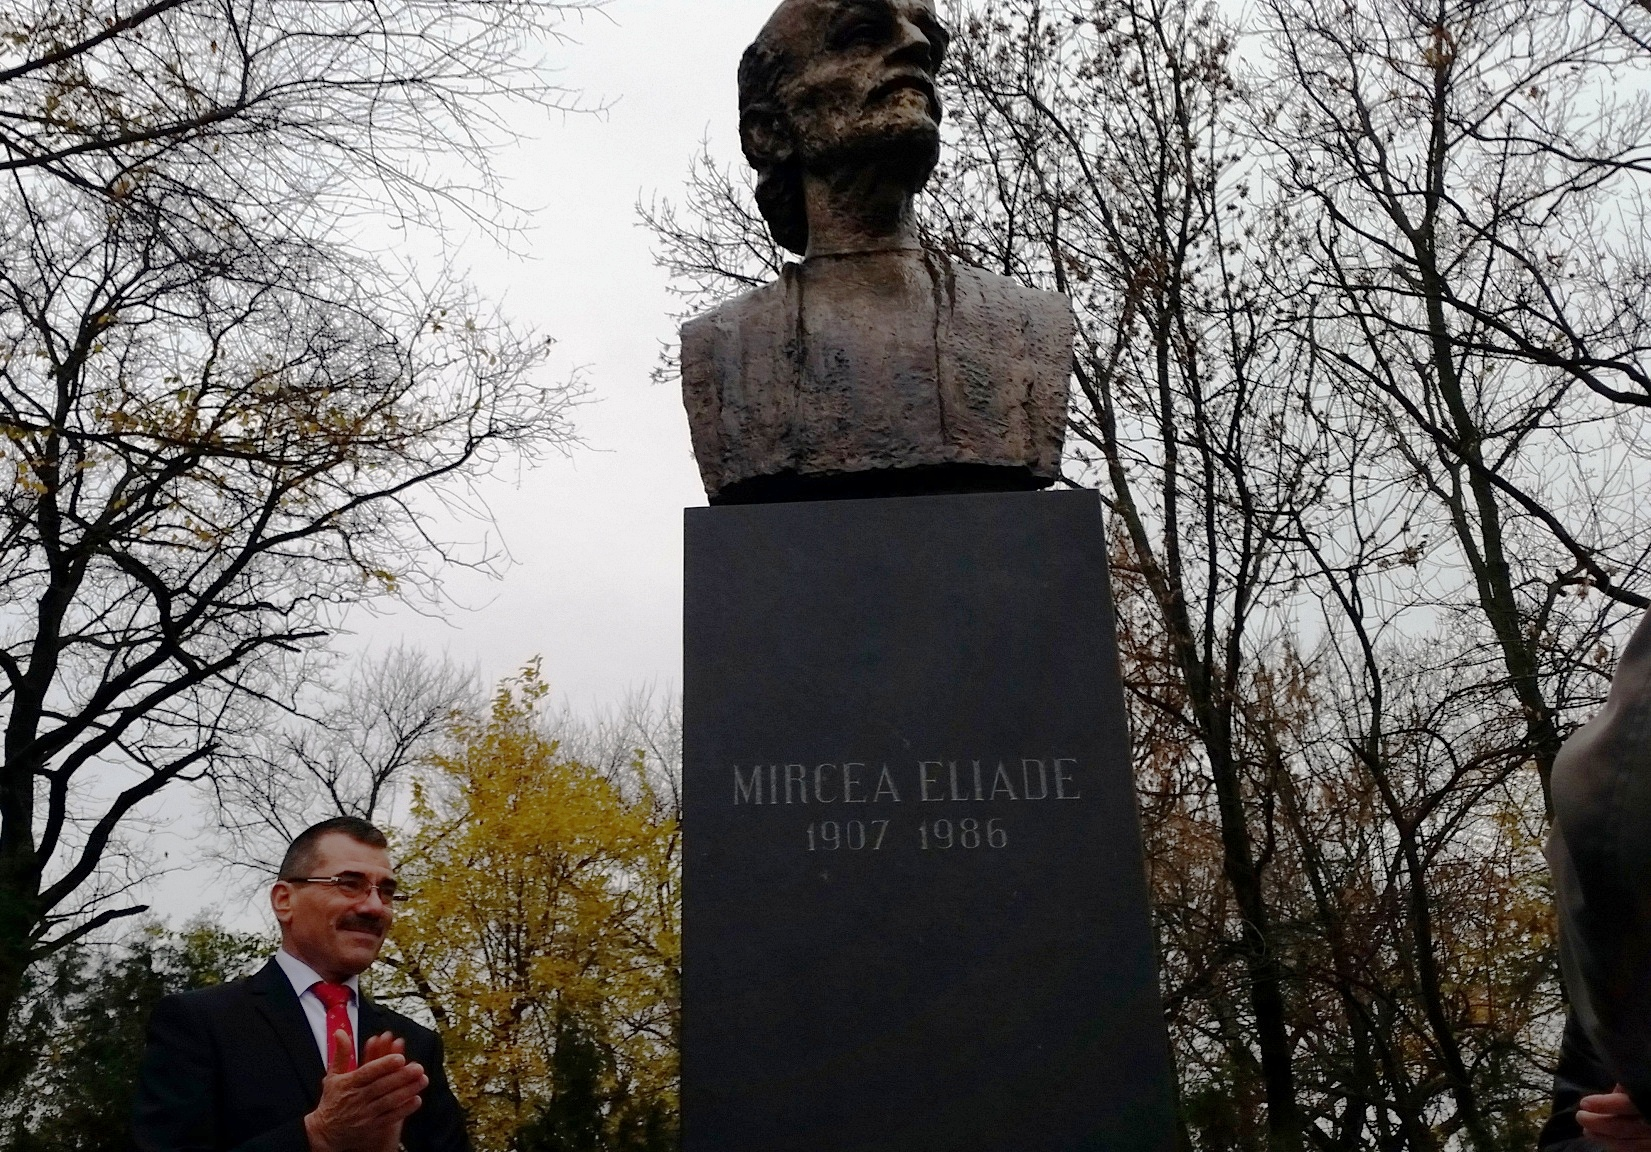 Bustul lui Mircea Eliade, în patrimoniul cultural al Sectorului 1